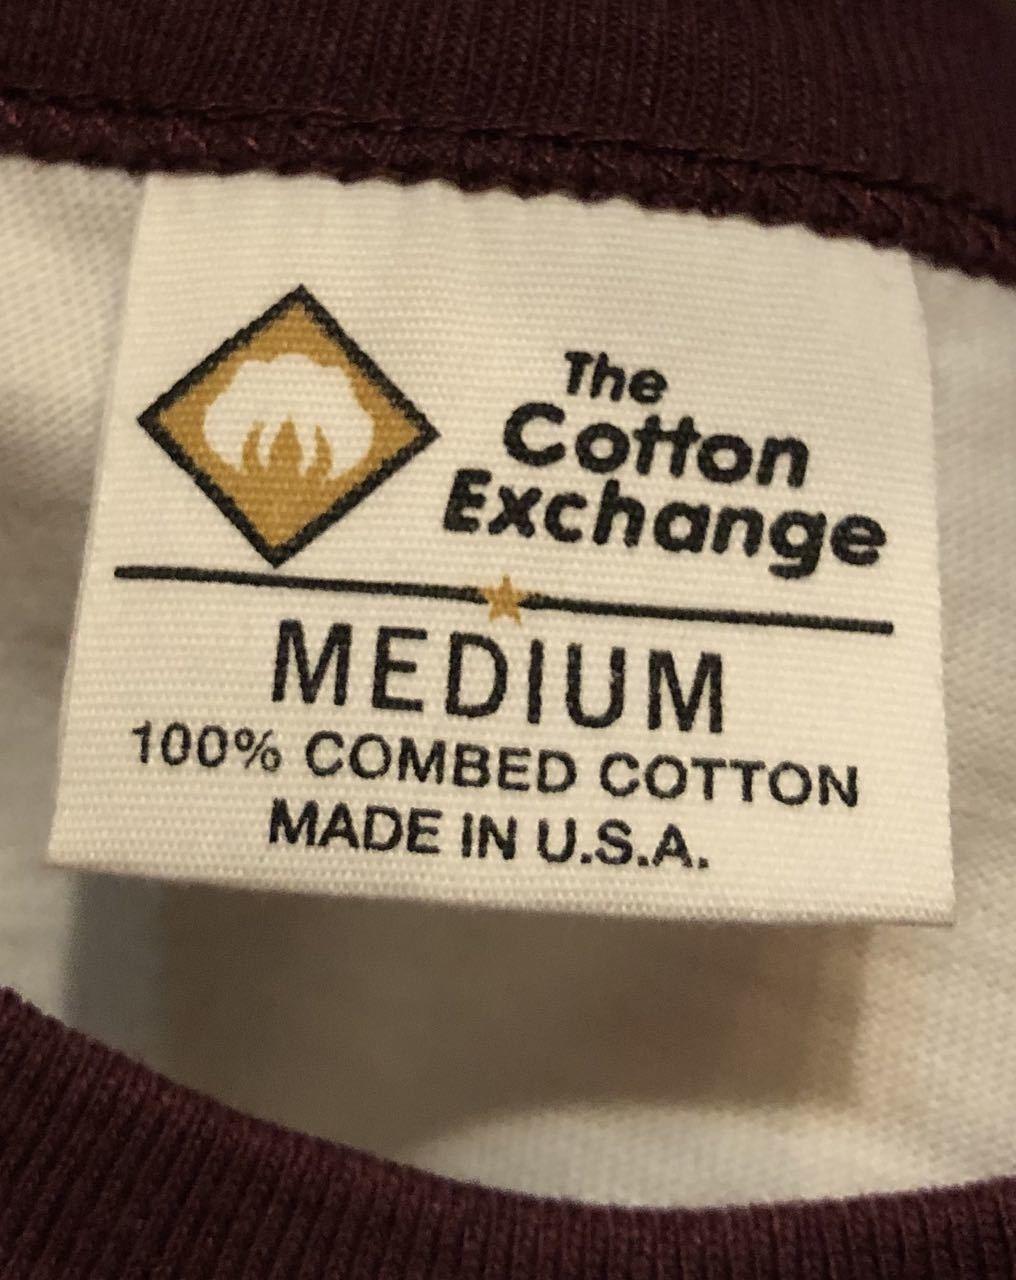 8月9日(日)入荷! 80s デッドストック #2  MADE IN U.S.A  the cotton exchange コットンエクスチェンジ ちょこチン Tシャツ!_c0144020_15423985.jpg